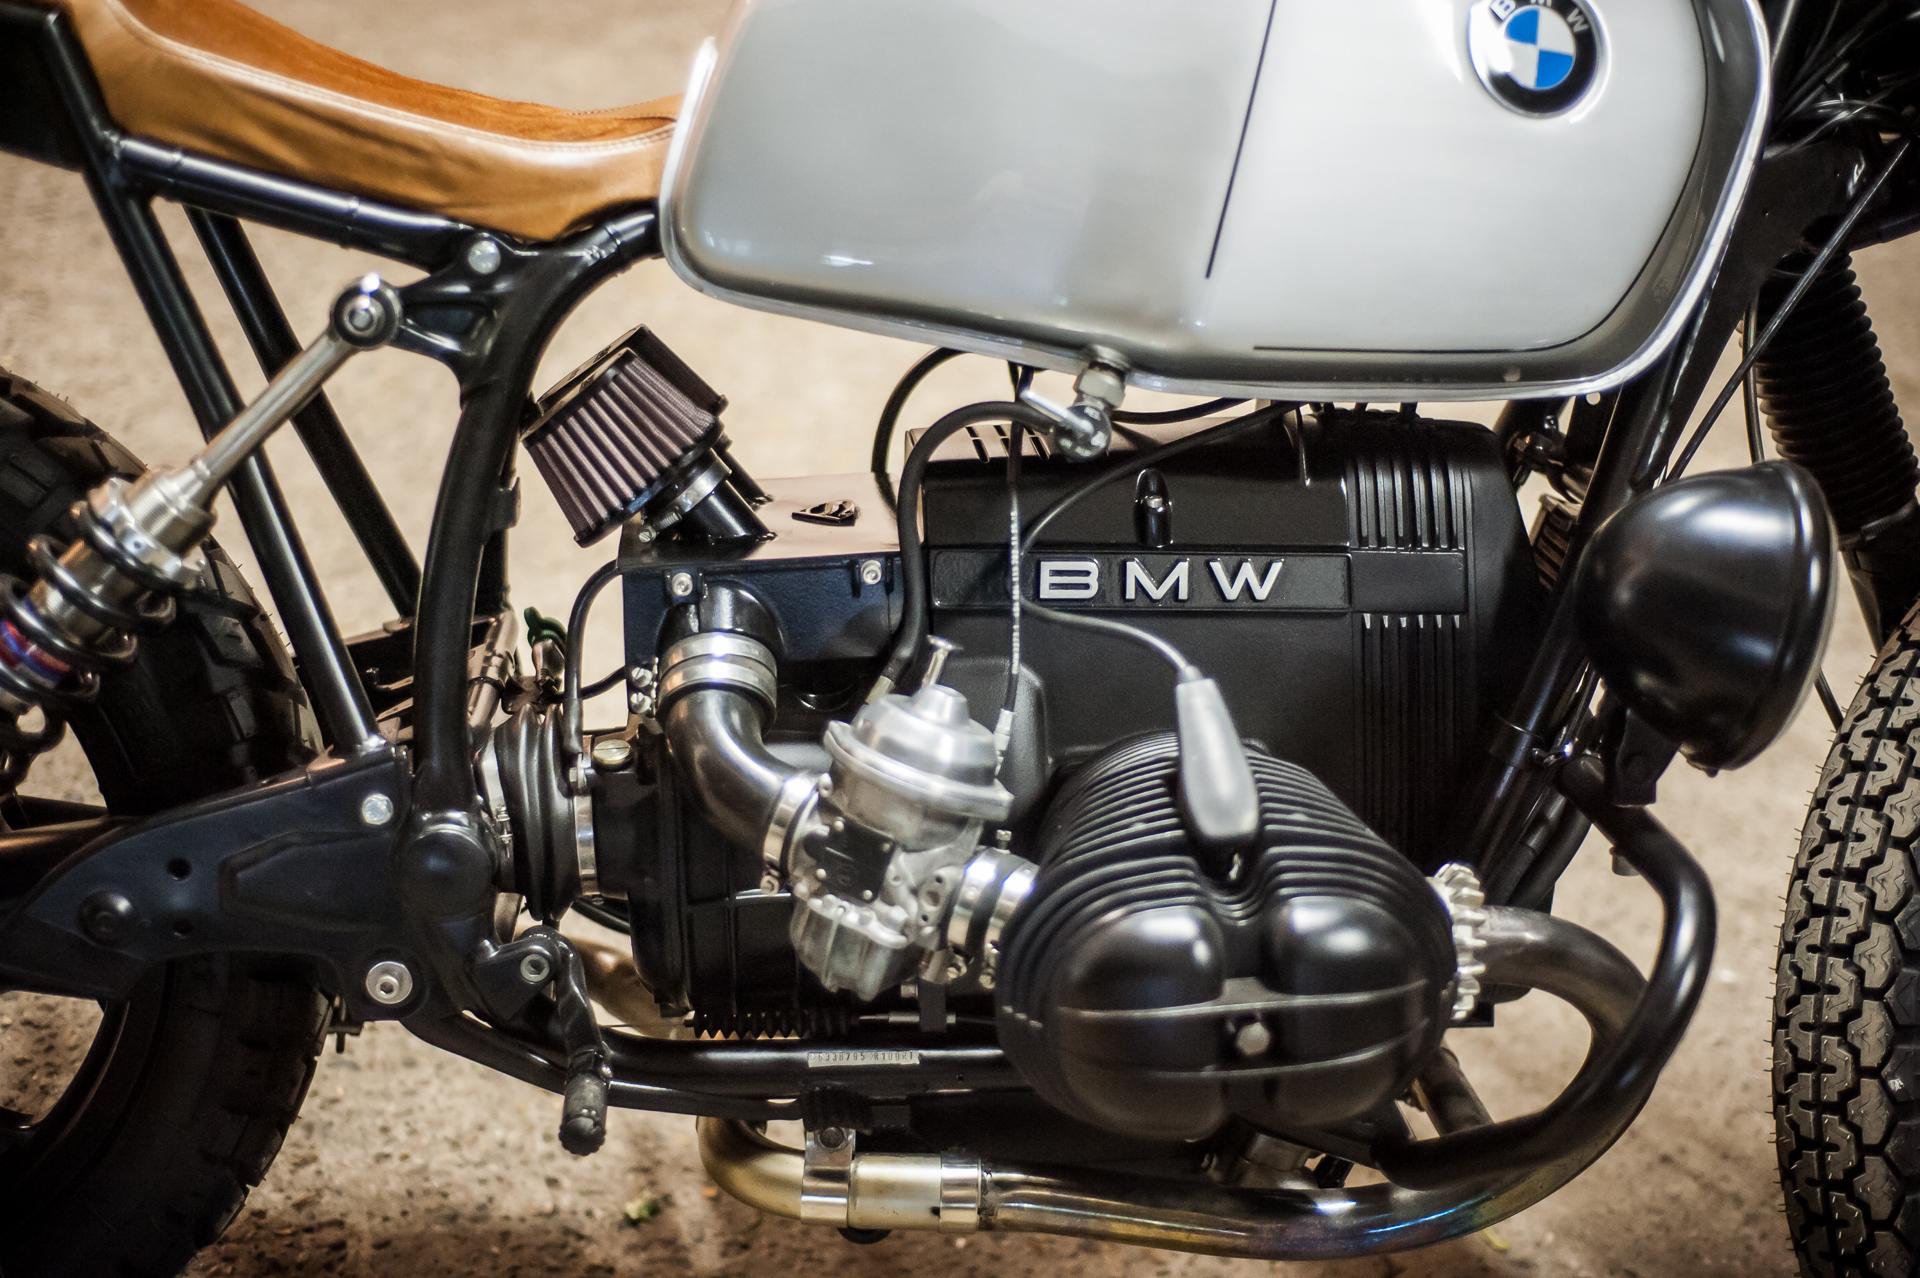 BMWR100RT_MAG06-040